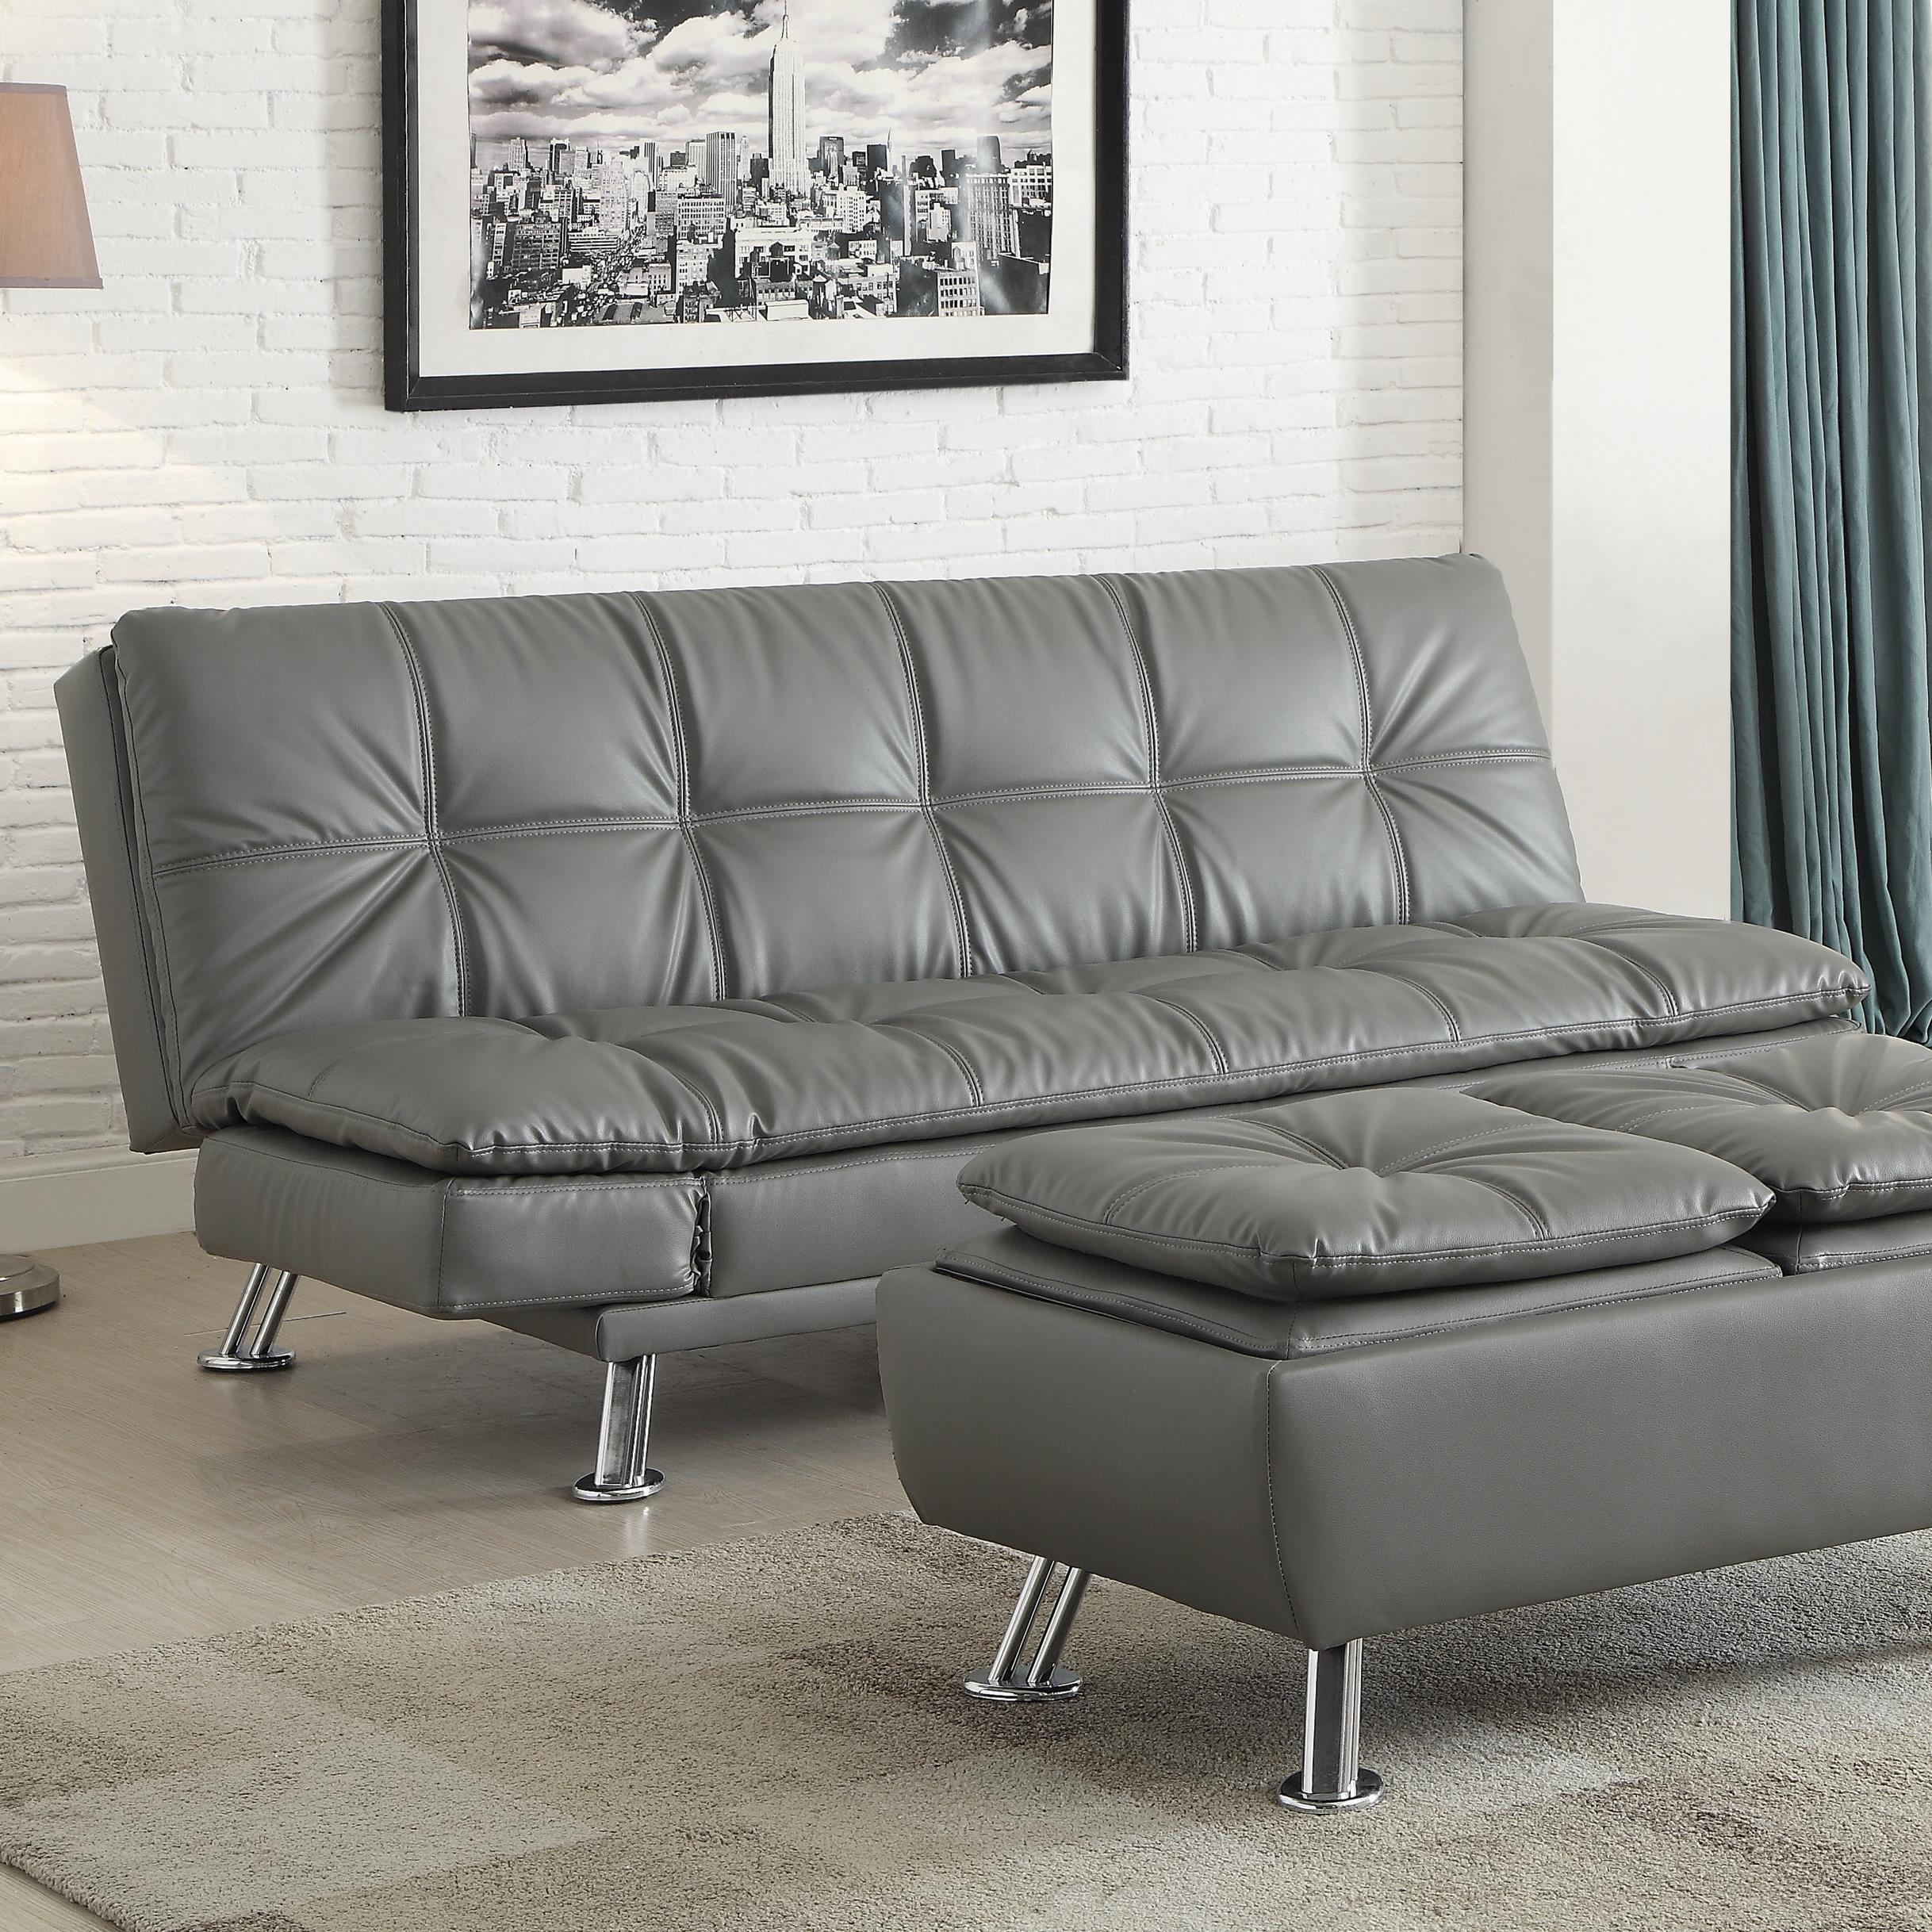 Furniture Feet Coasters: Coaster For Furniture Legs